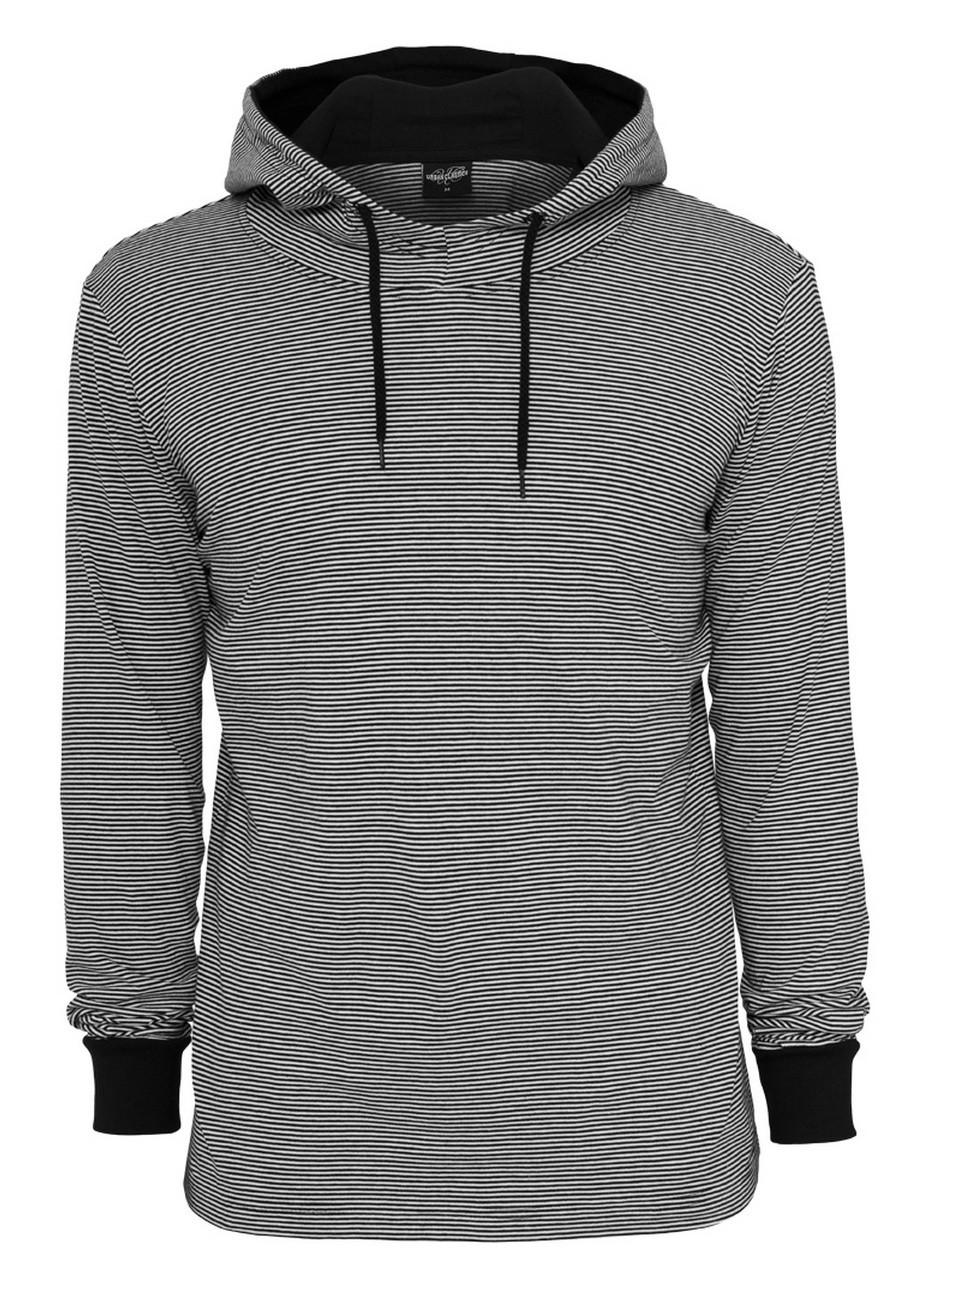 urban-classics-herren-kapuzenpullover-stripe-jersey-hoody